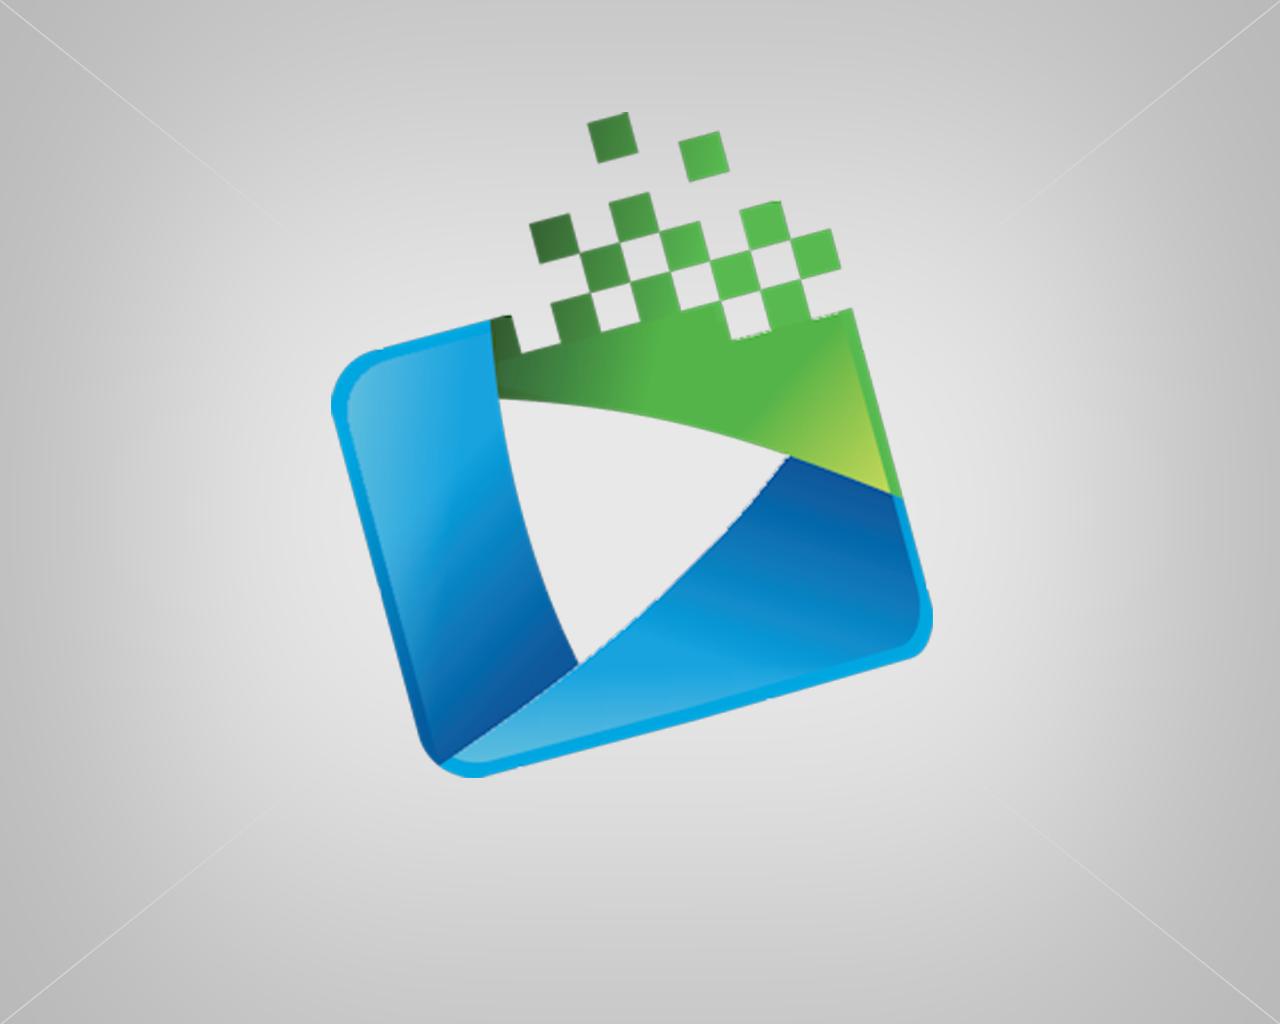 Logo eDreams - Prenota Voli economici, Hotel e Auto